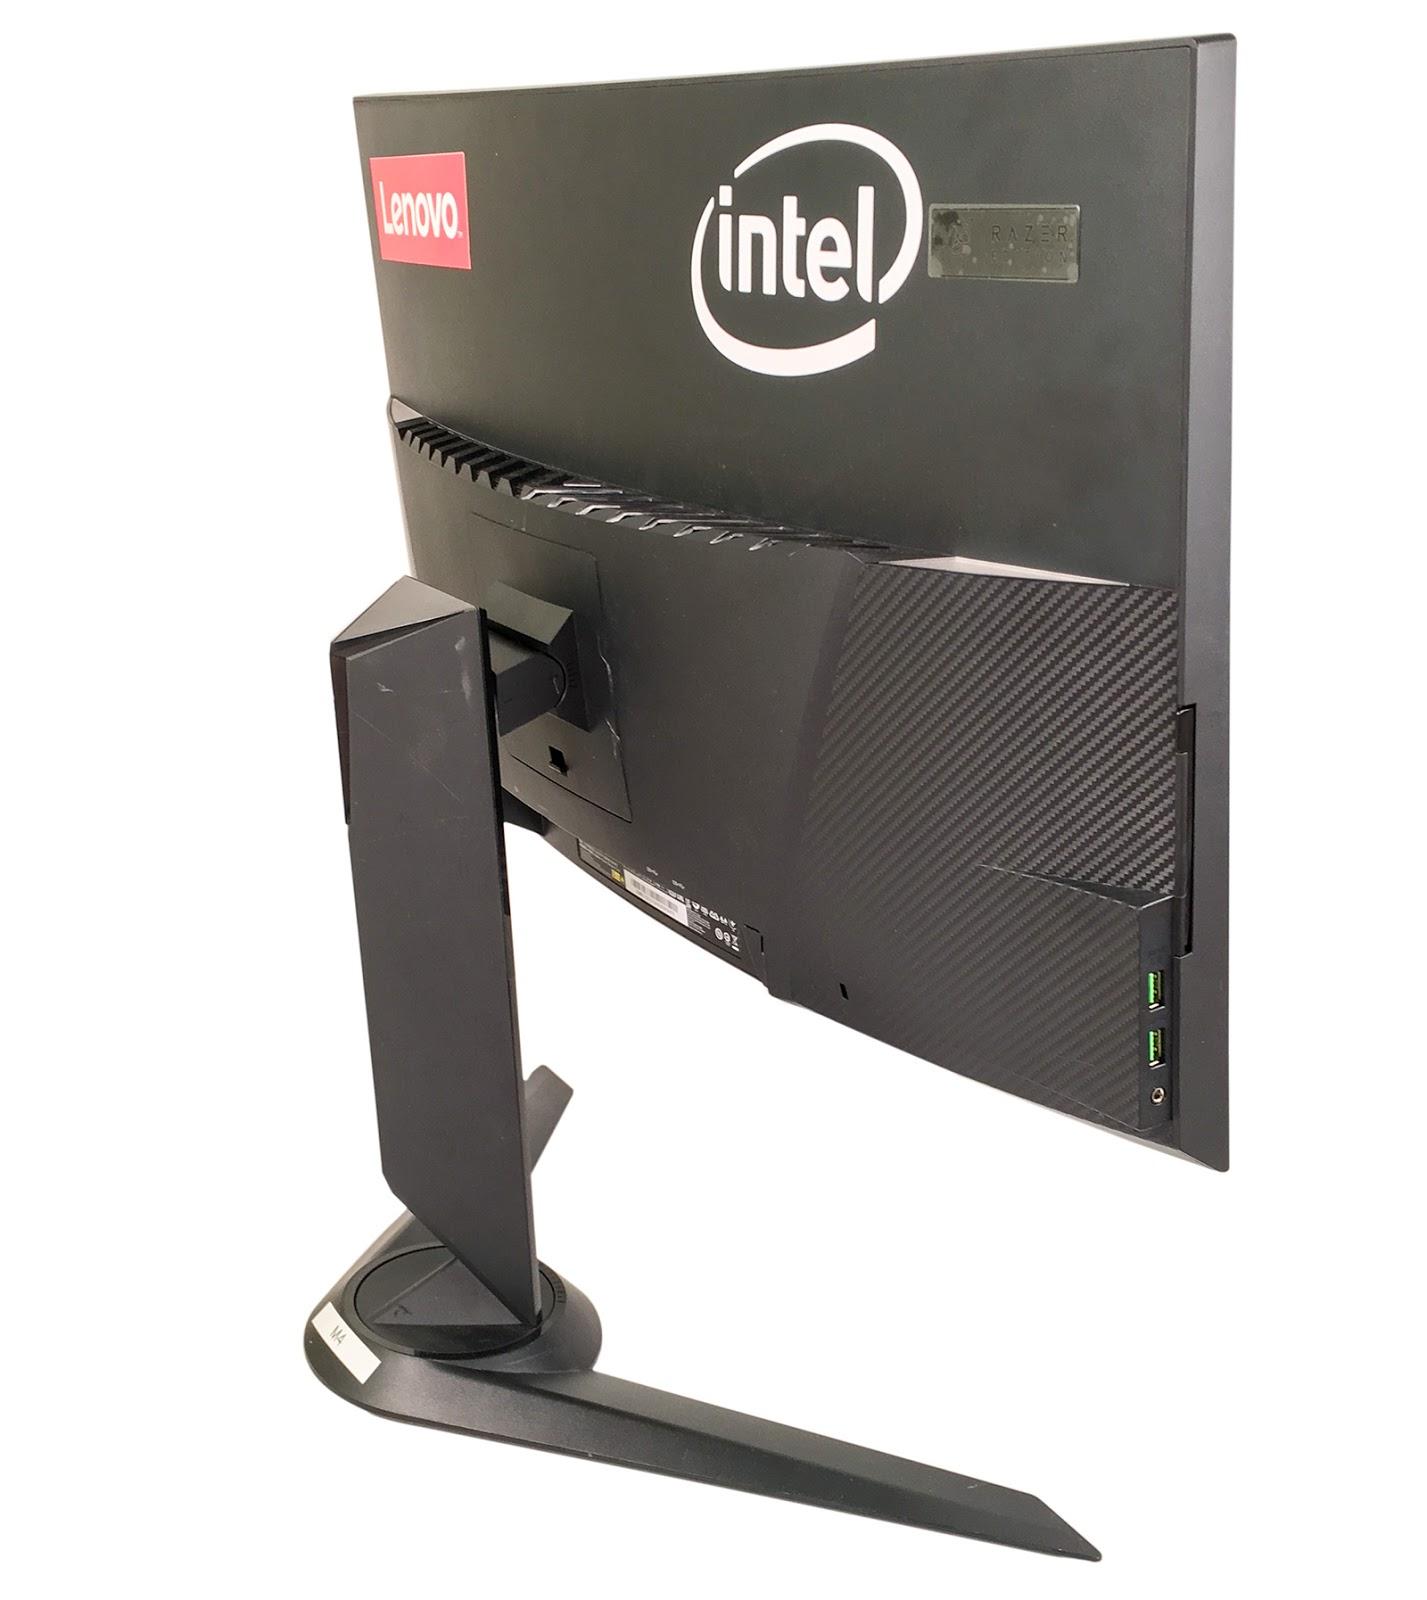 Обзор изогнутого игрового монитора Lenovo Y27g Razer Edition - 6